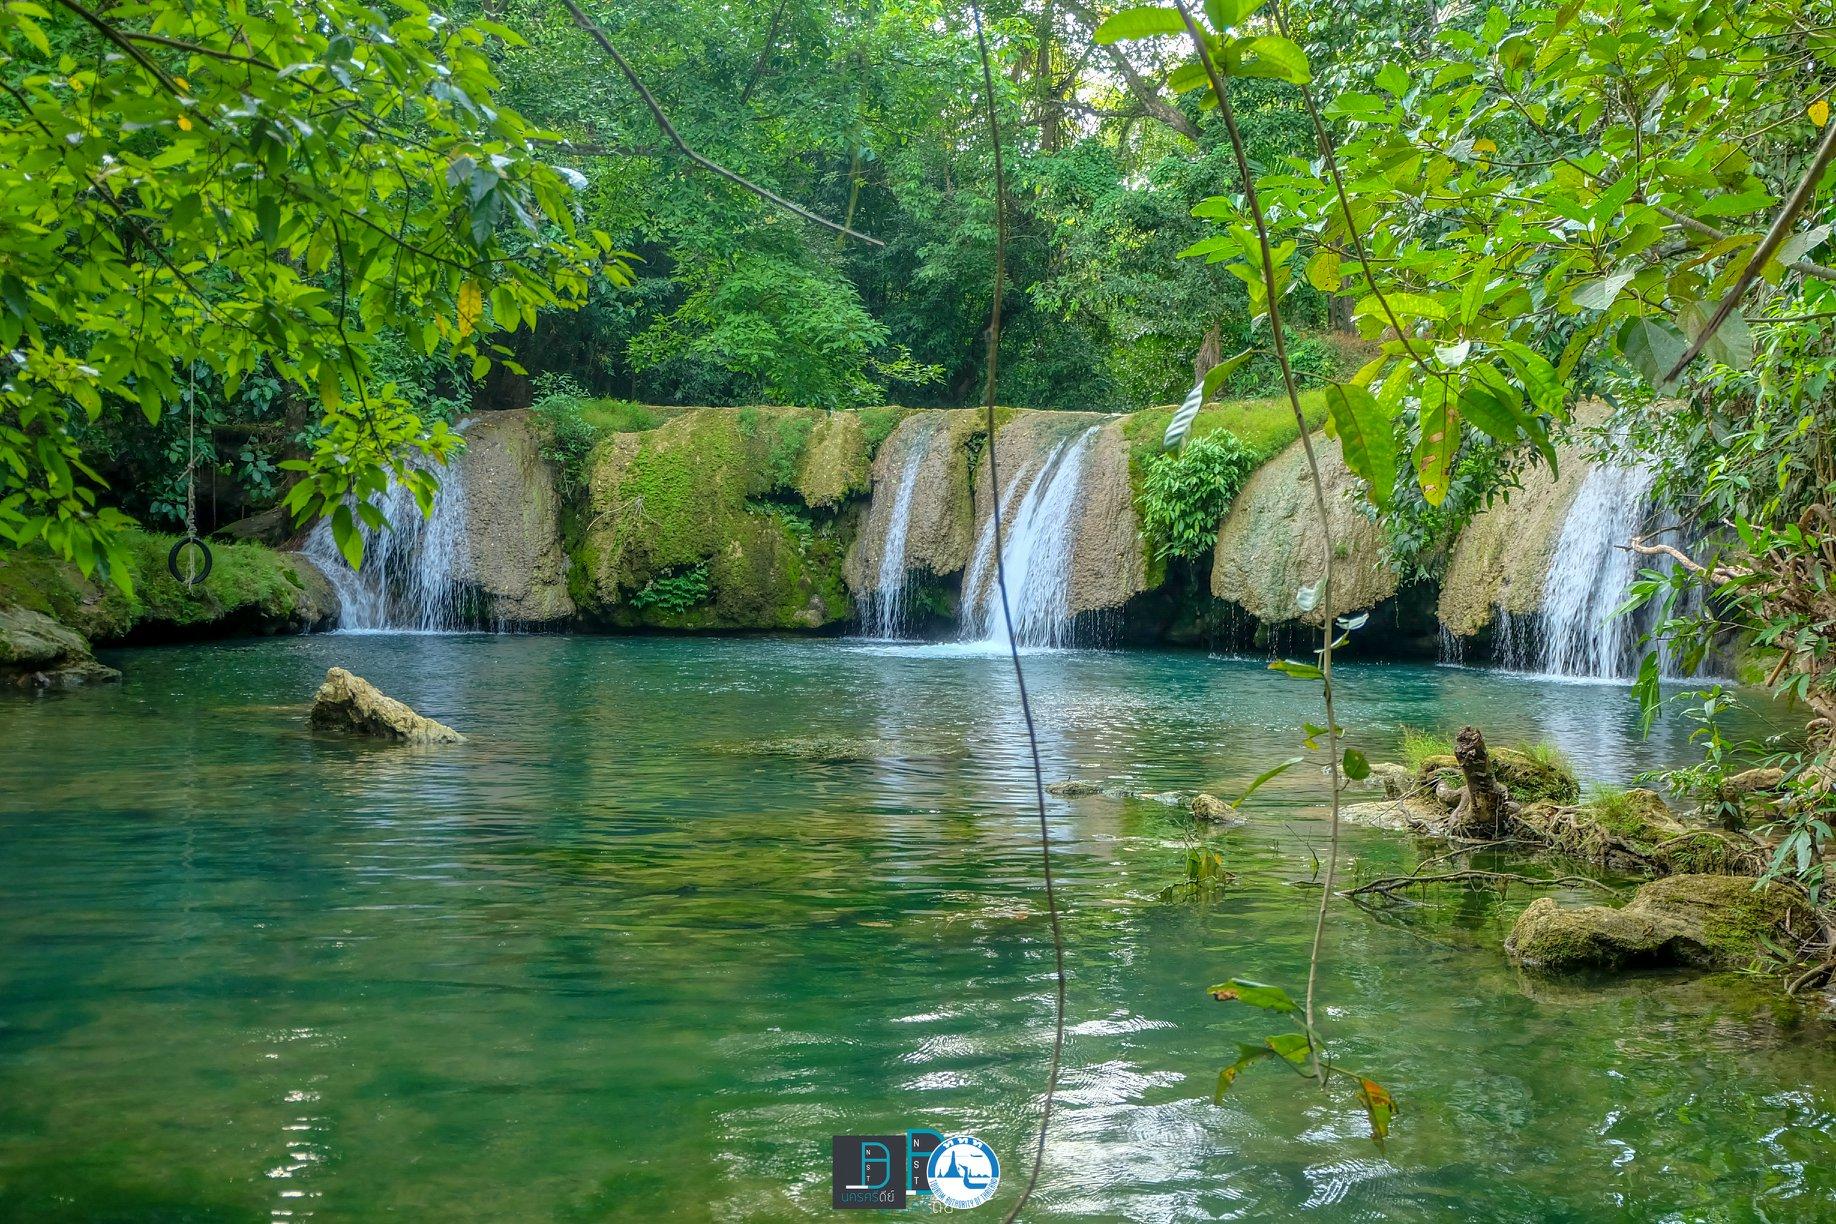 17.-น้ำตกหนานสวรรค์-ชะอวด-จุดท่องเที่ยวน้ำตกแหล่งน้ำใสสีฟ้า-นครศรีธรรมราช นครศรีธรรมราช,จุดเช็คอิน,ที่ท่องเที่ยว,ของกิน,โกโก้,TAT,การท่องเที่ยวแห่งประเทศไทย